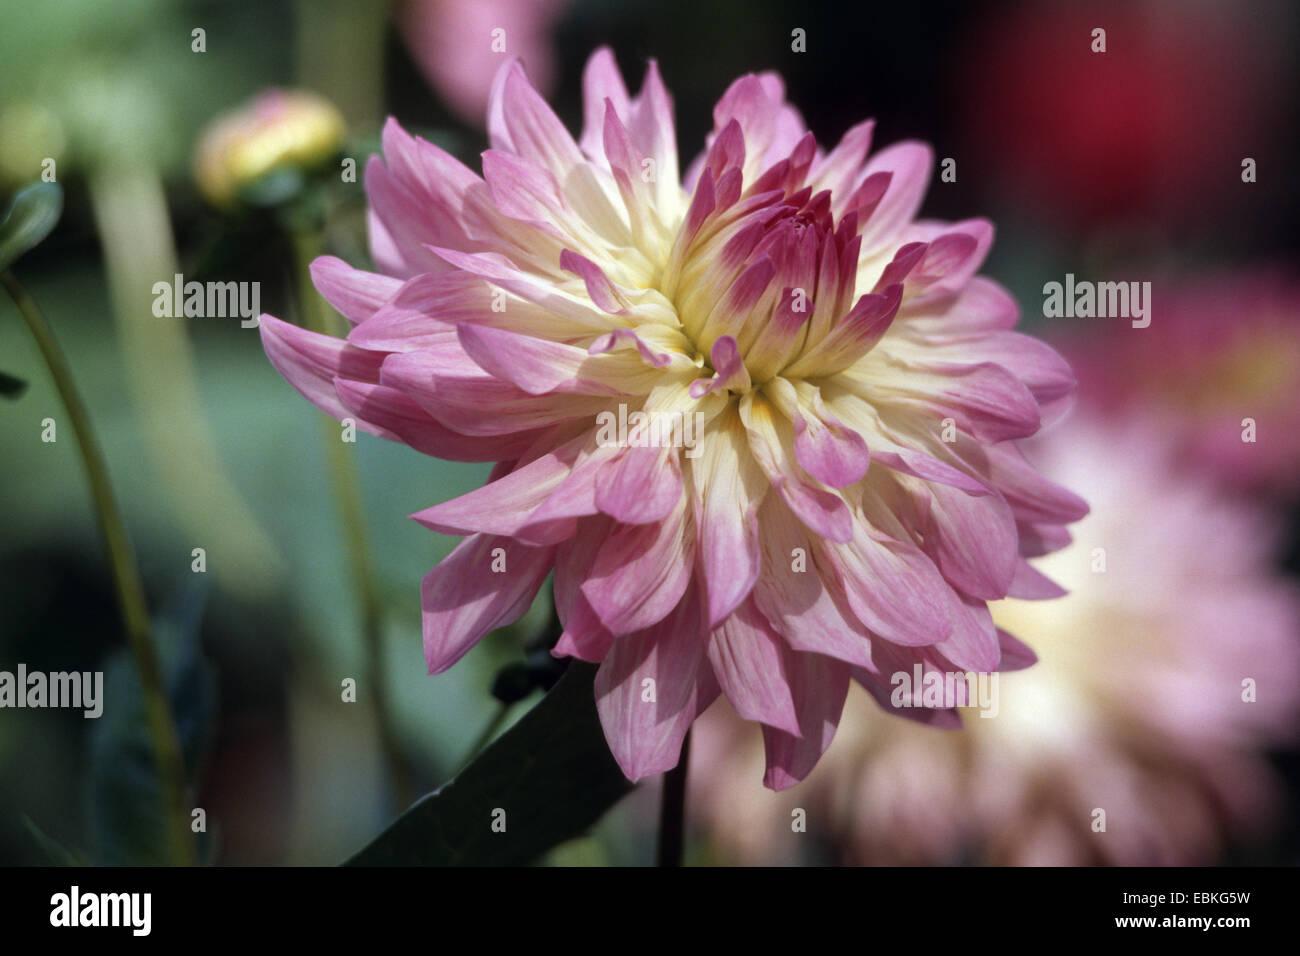 georgina (Dahlia 'Touch of Class', Dahlia Touch of Class), cultivar Touch of Class - Stock Image